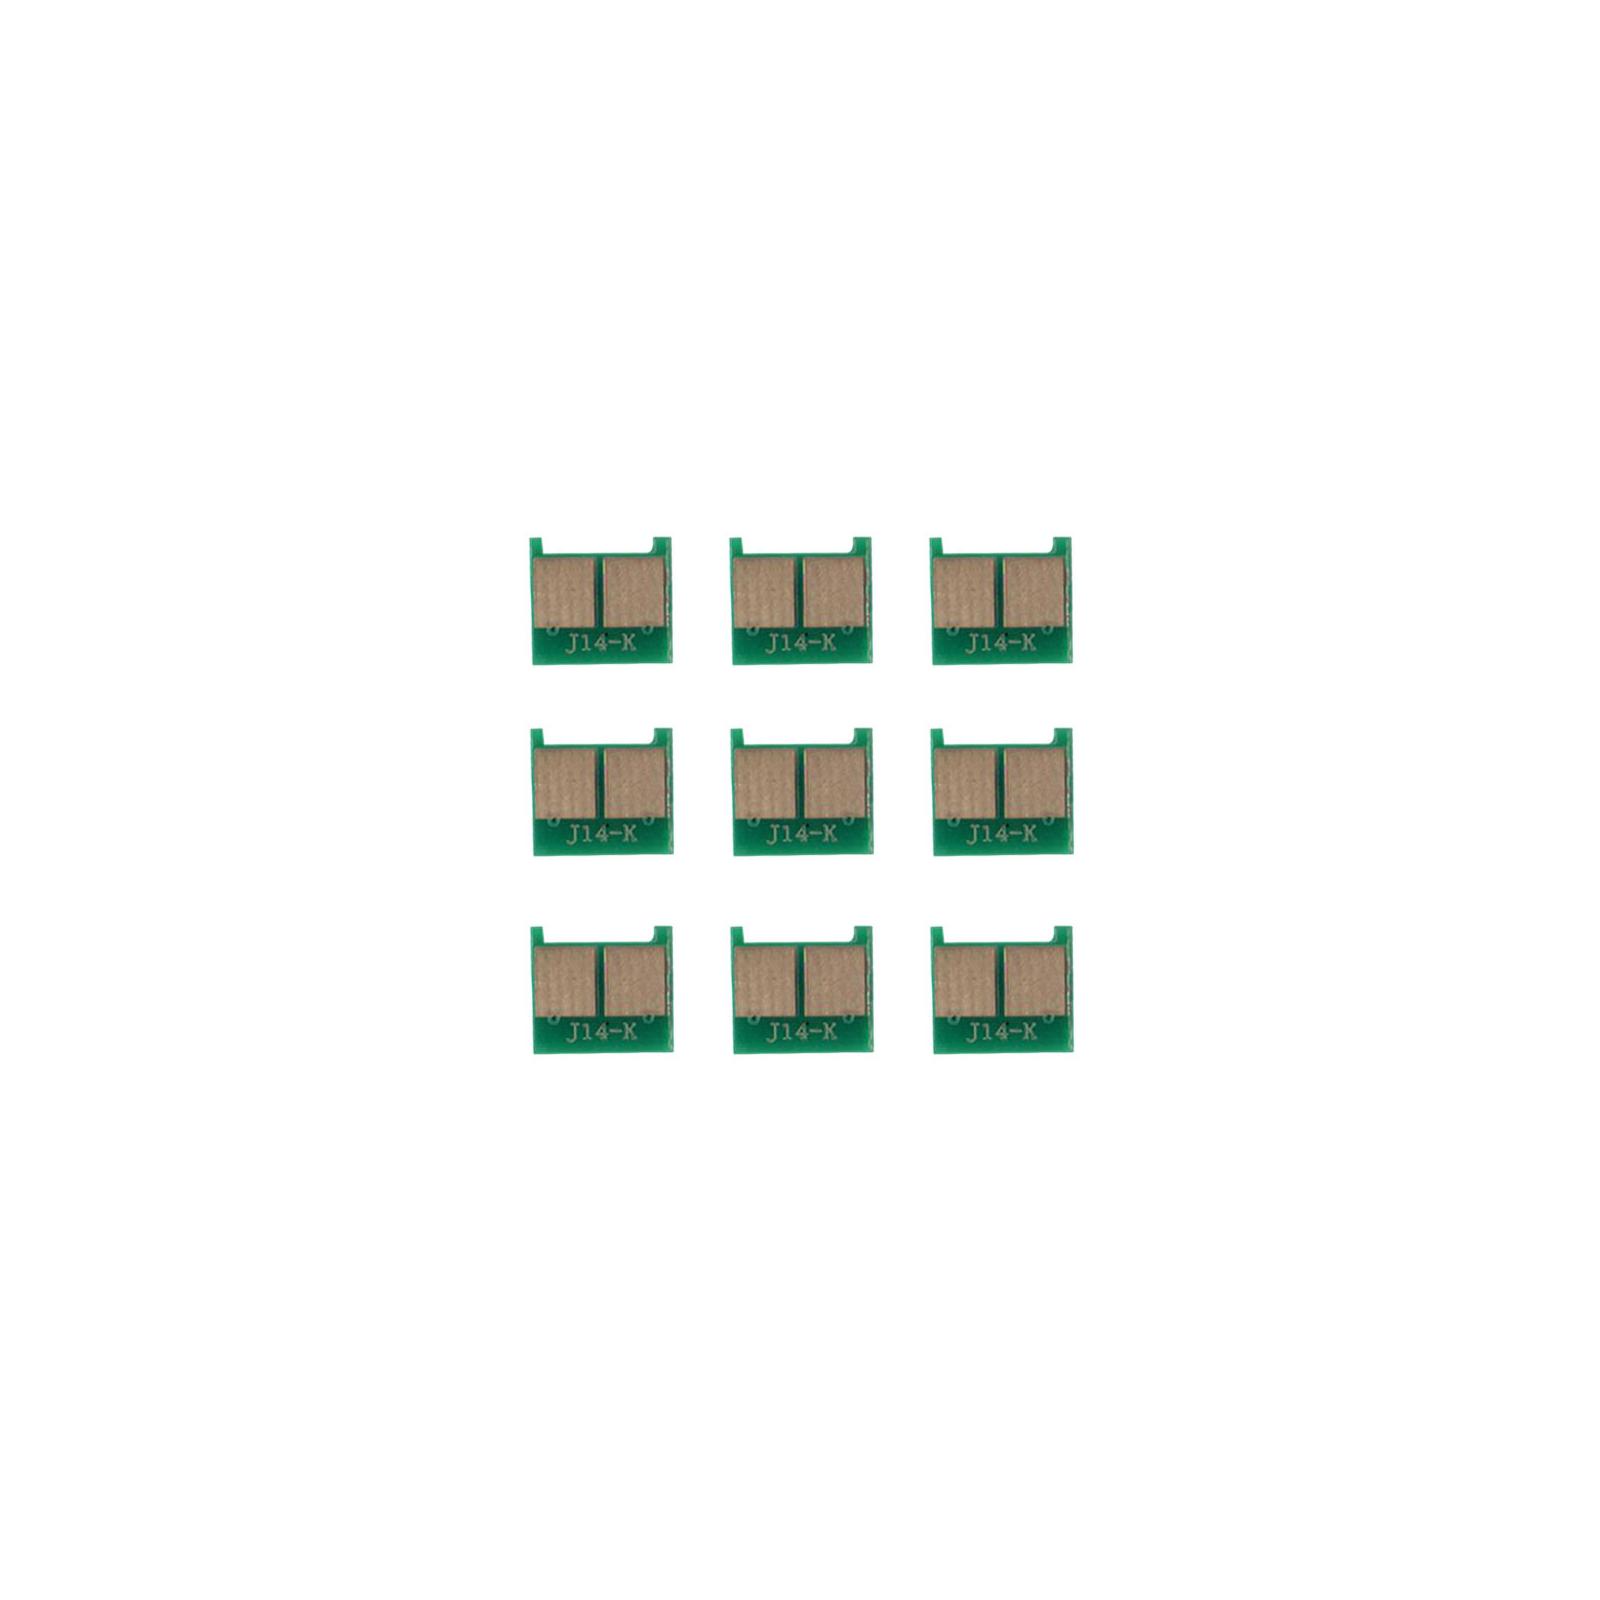 Чип для картриджа HP CLJ Pro 700/M176/177/775/CM4540/CP5520/5525 Yellow AHK (1800414)